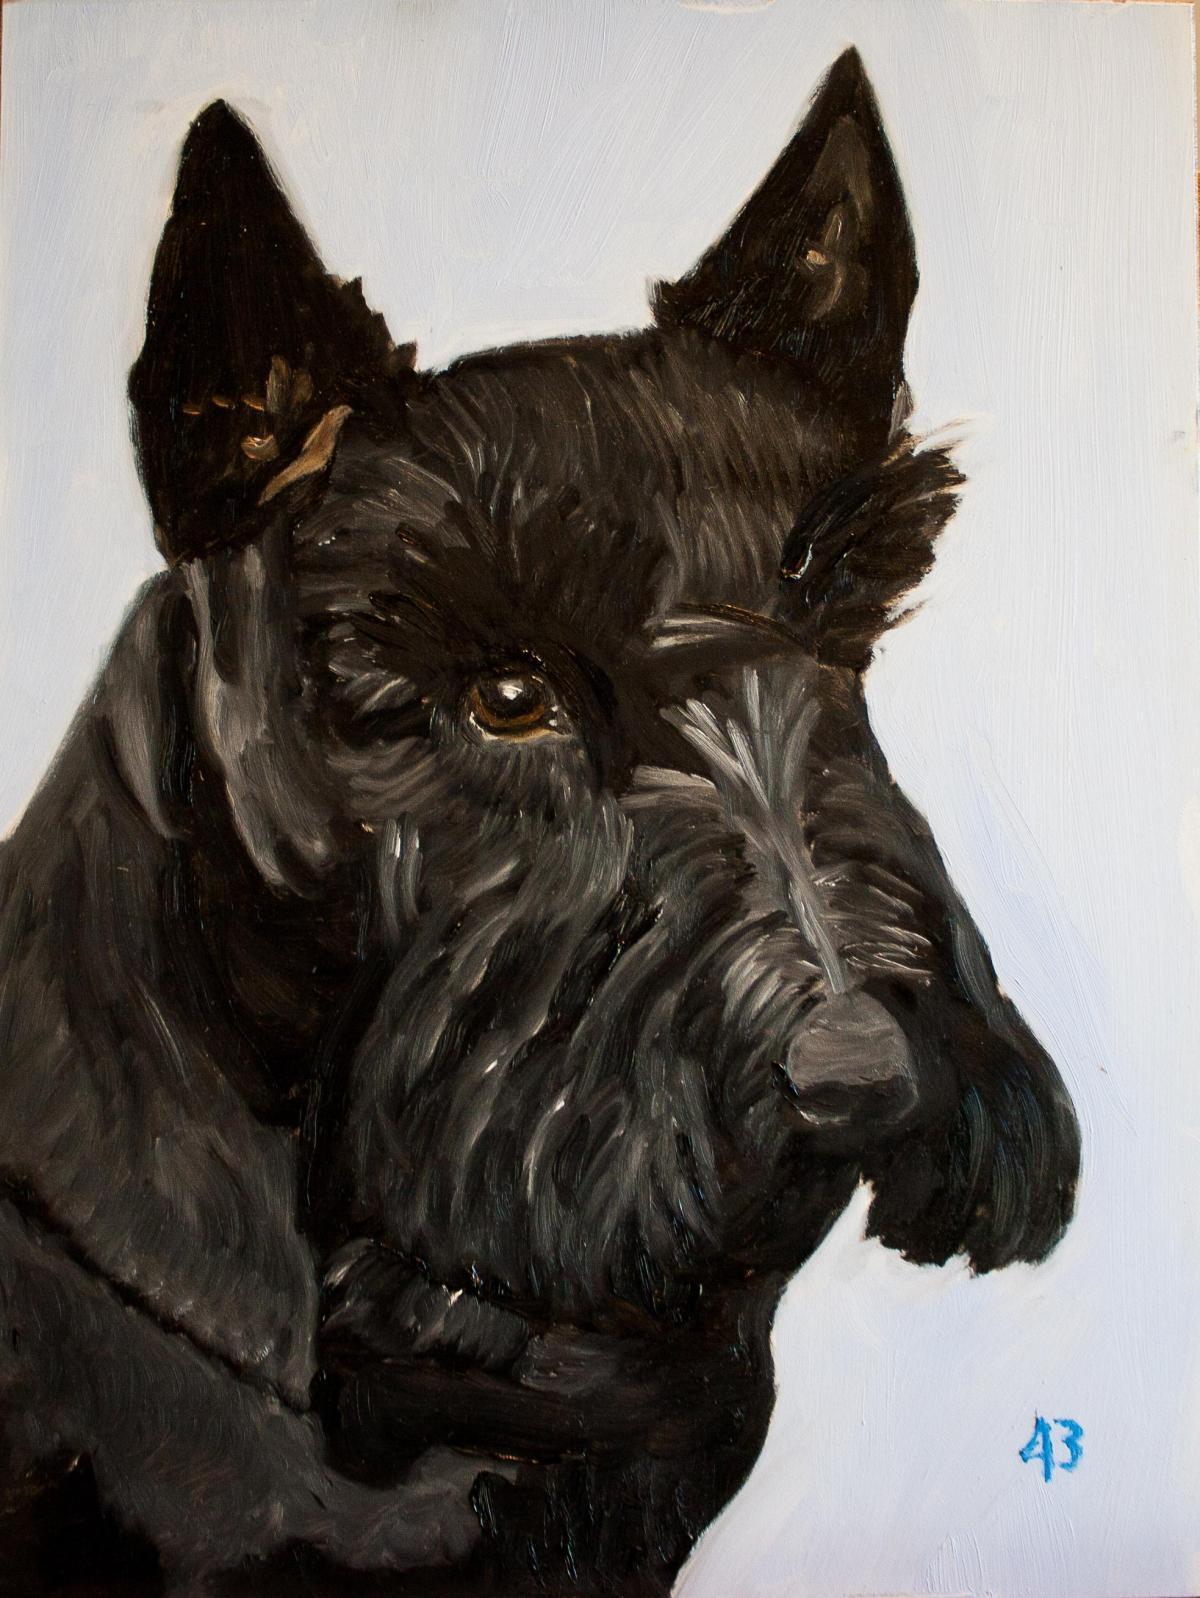 Barney by George W. Bush